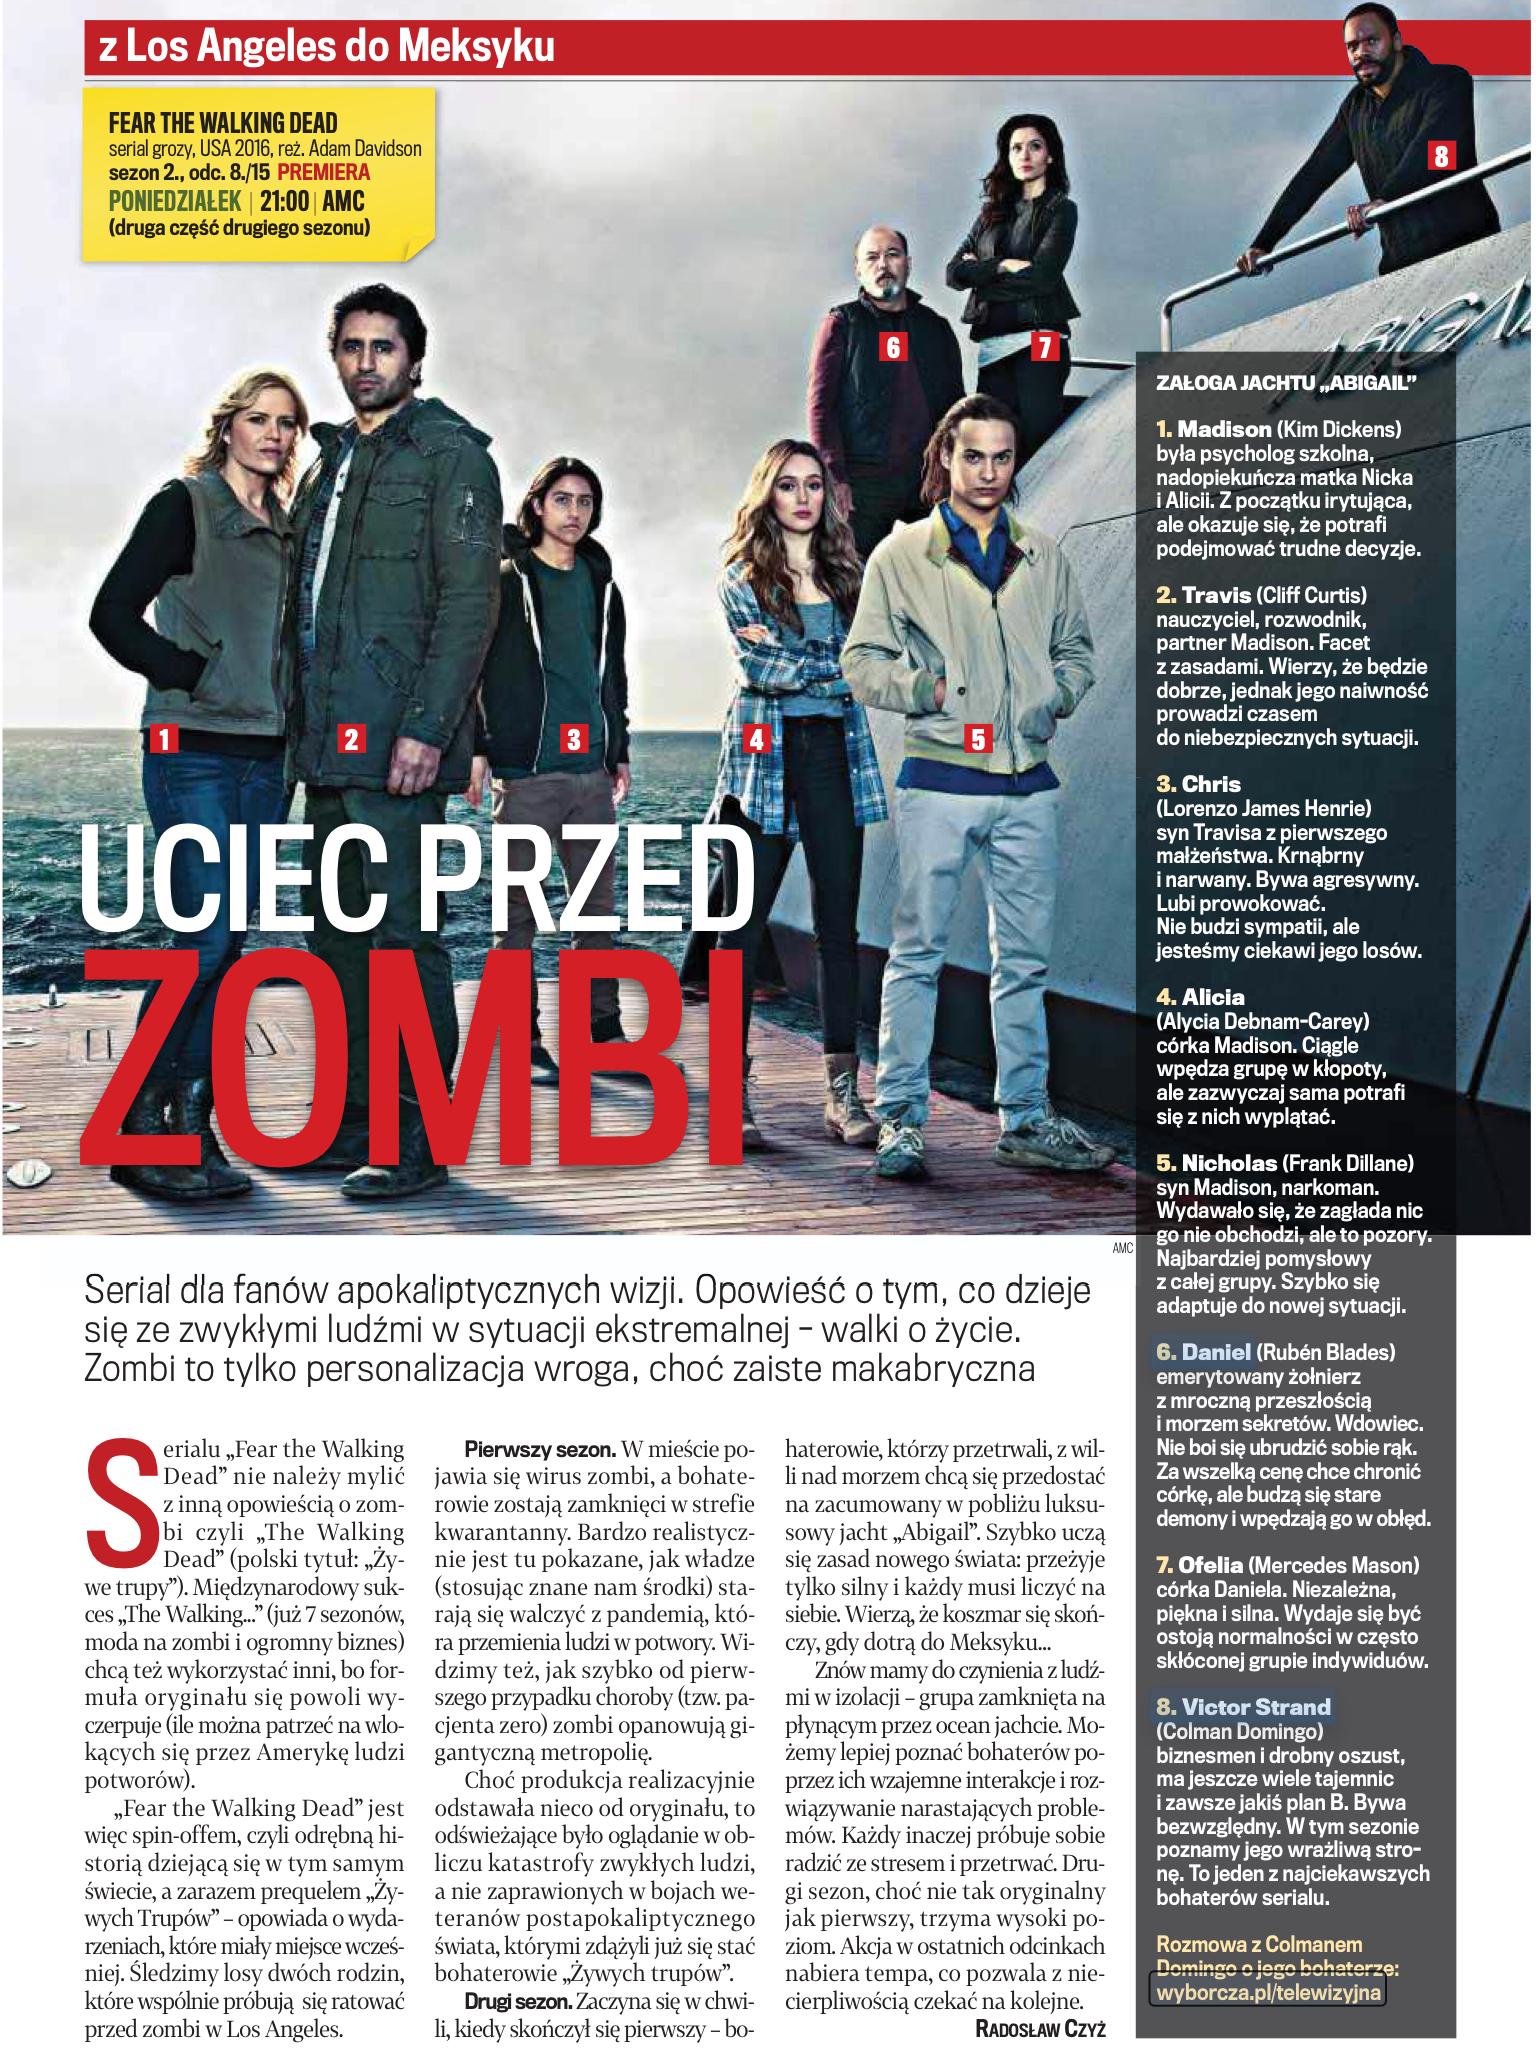 Wyborcza Poland FTWD Feature